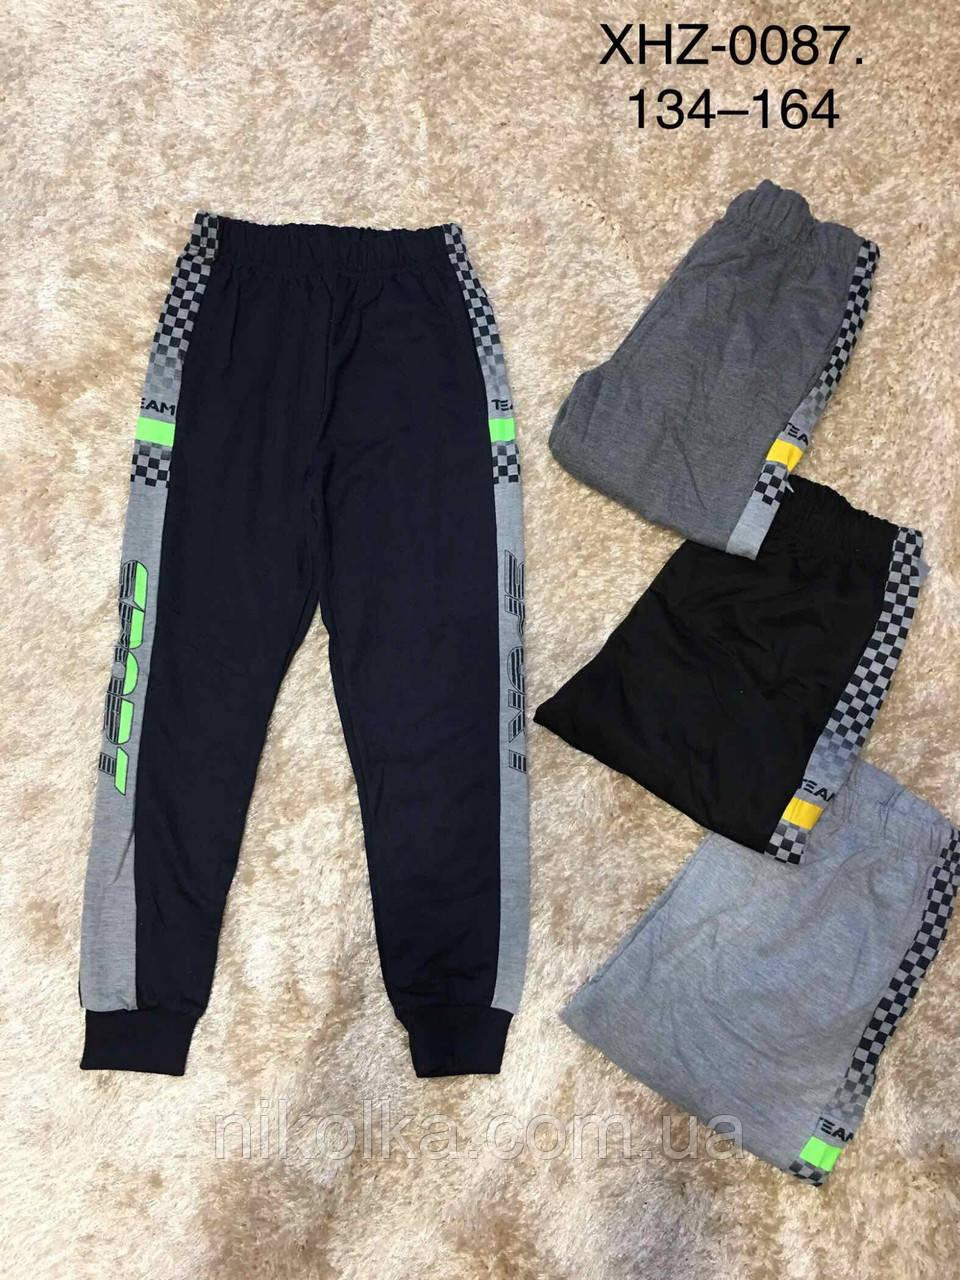 Спортивные брюки для мальчика оптом, Active Sport, 134-164 рр., арт. ХHZ-0087